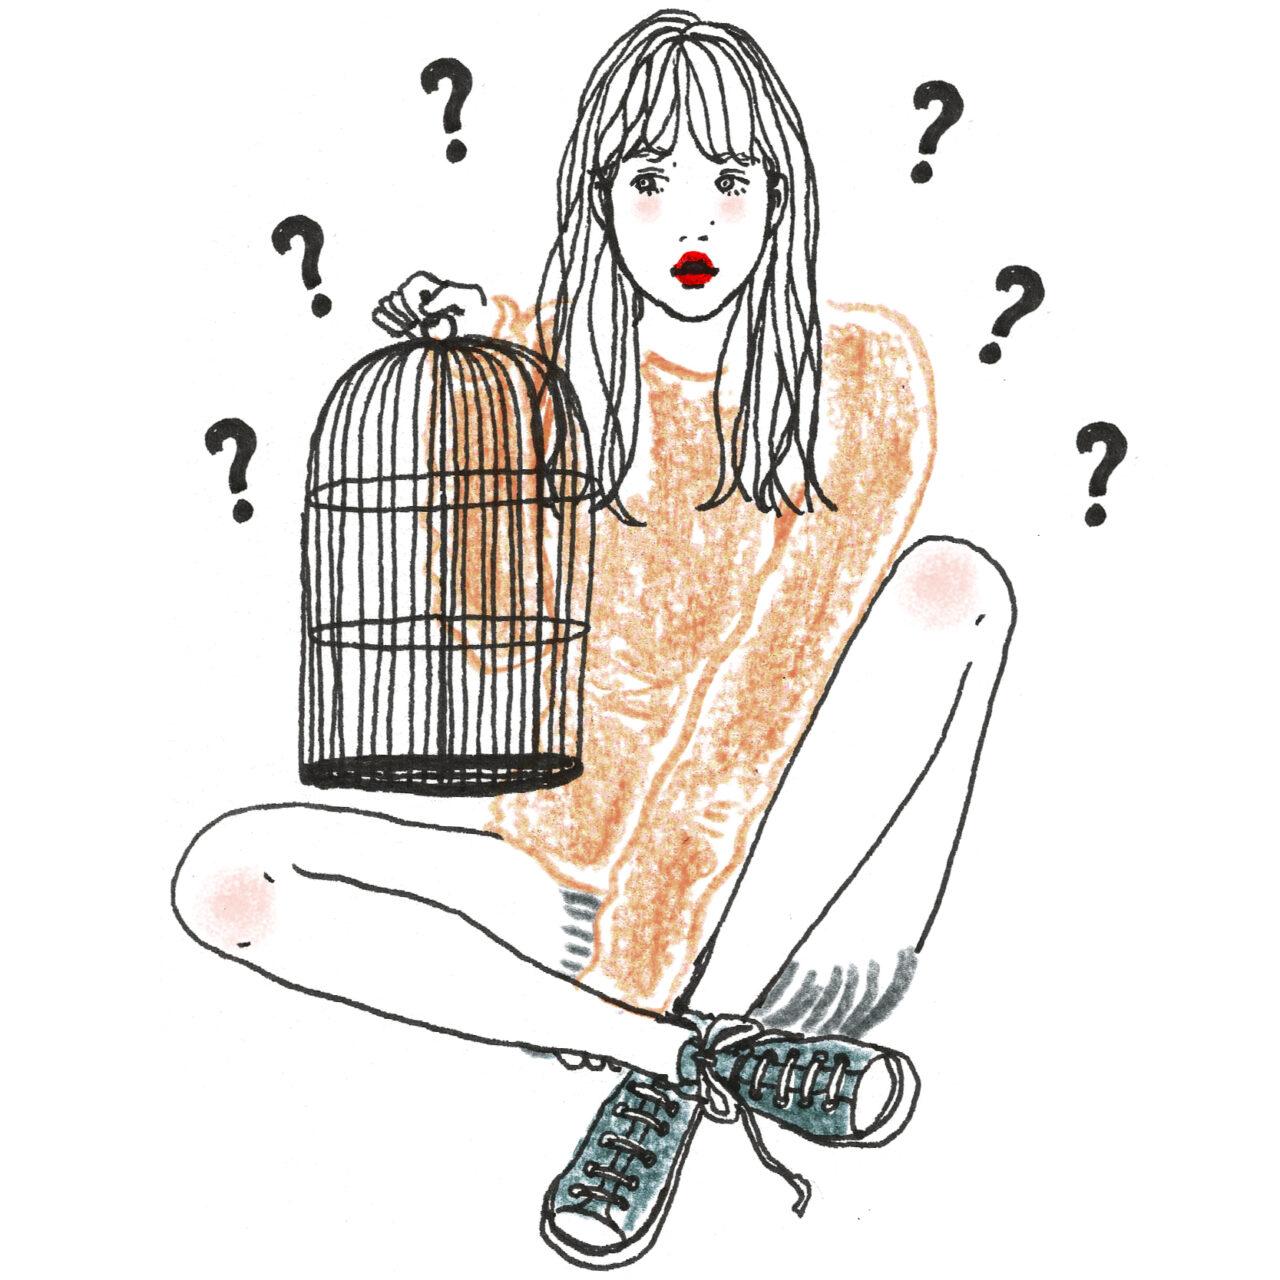 あなたはどんなタイプの異性から好かれやすい?MERY Weekly 心理テスト♡